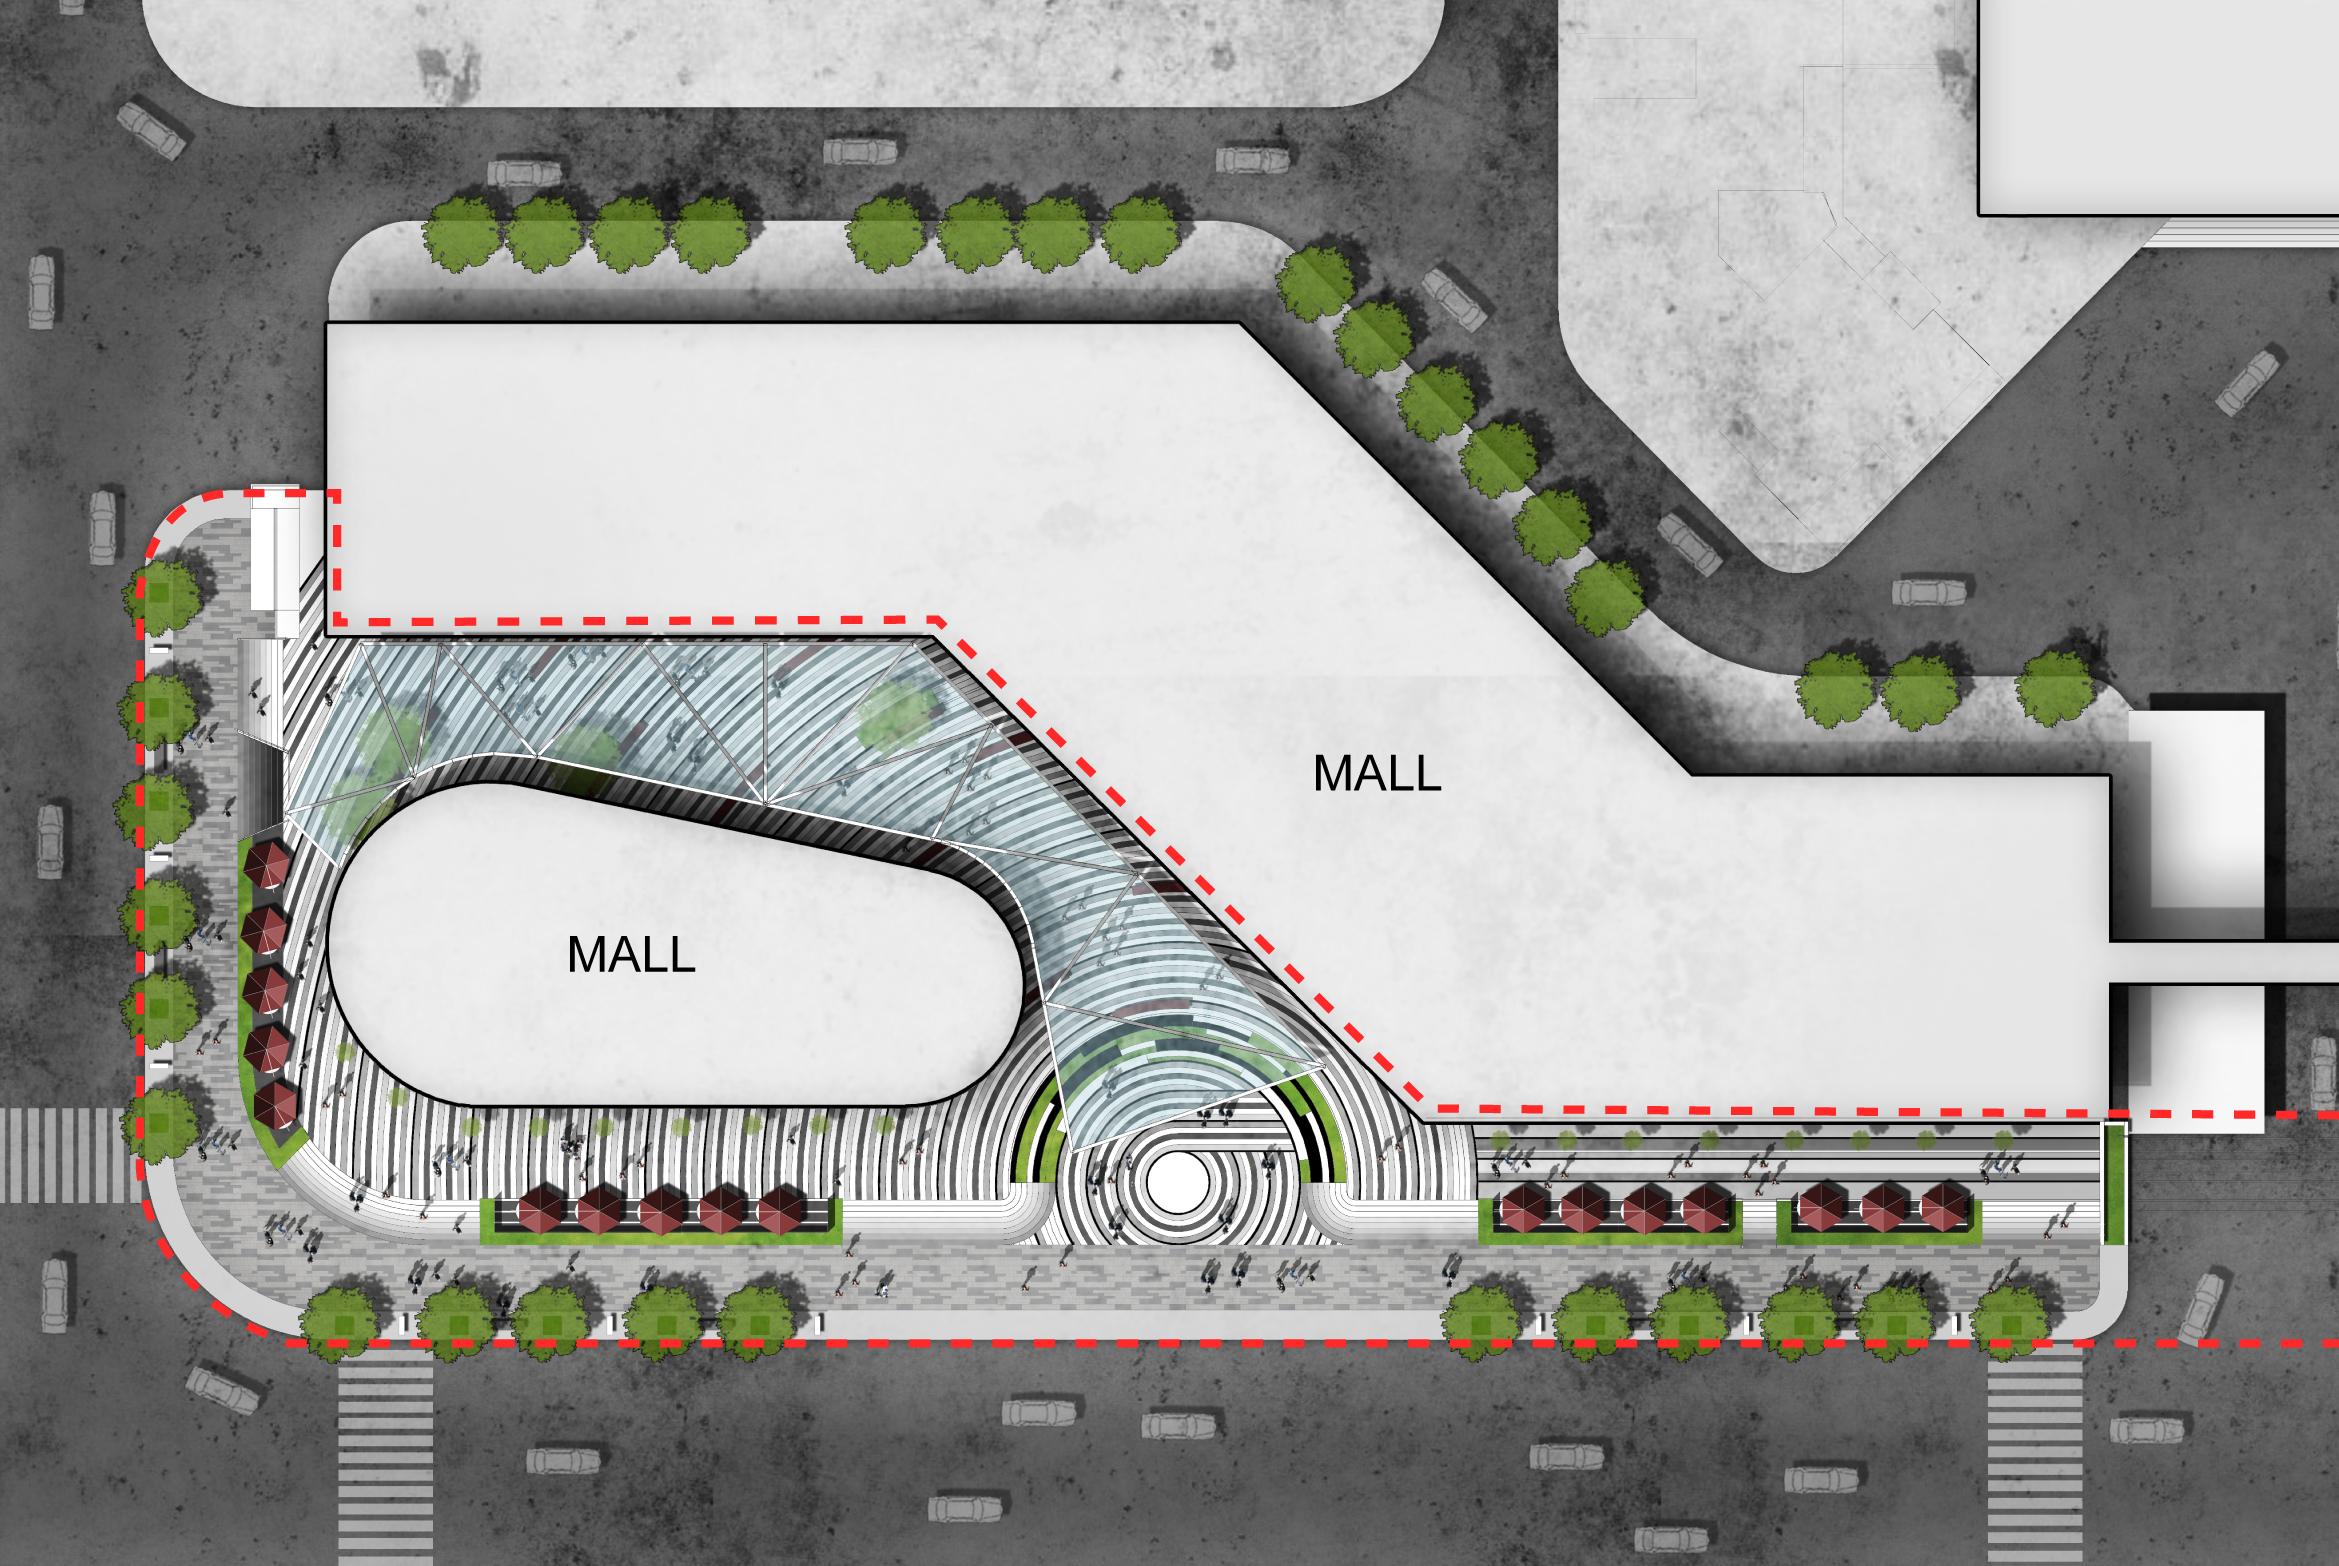 Landscapemasterplan Cool Landscapes Education Architecture Landscape Concept